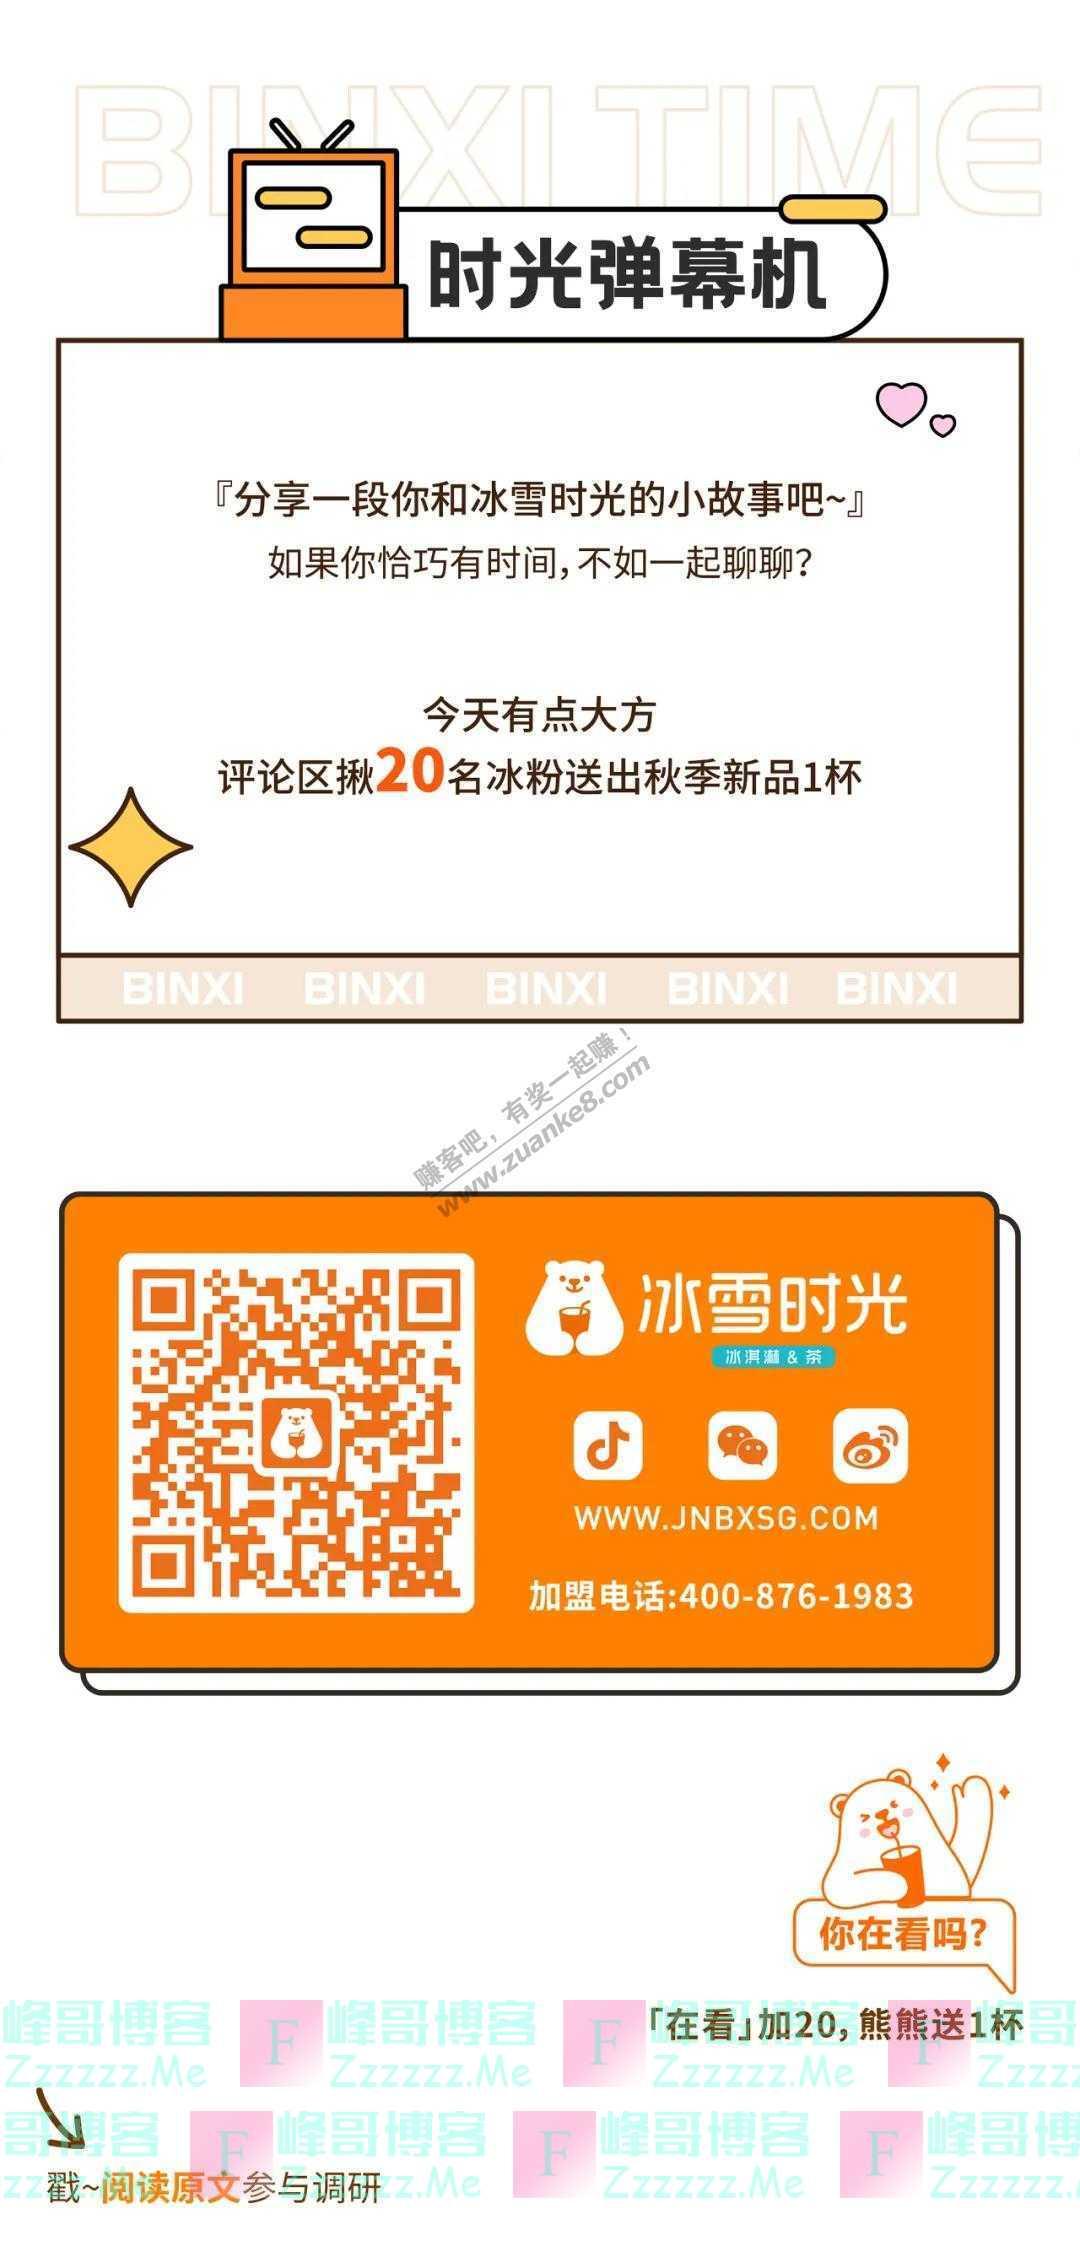 冰雪时光@你,有一份现金红包待领取(截止10月28日)